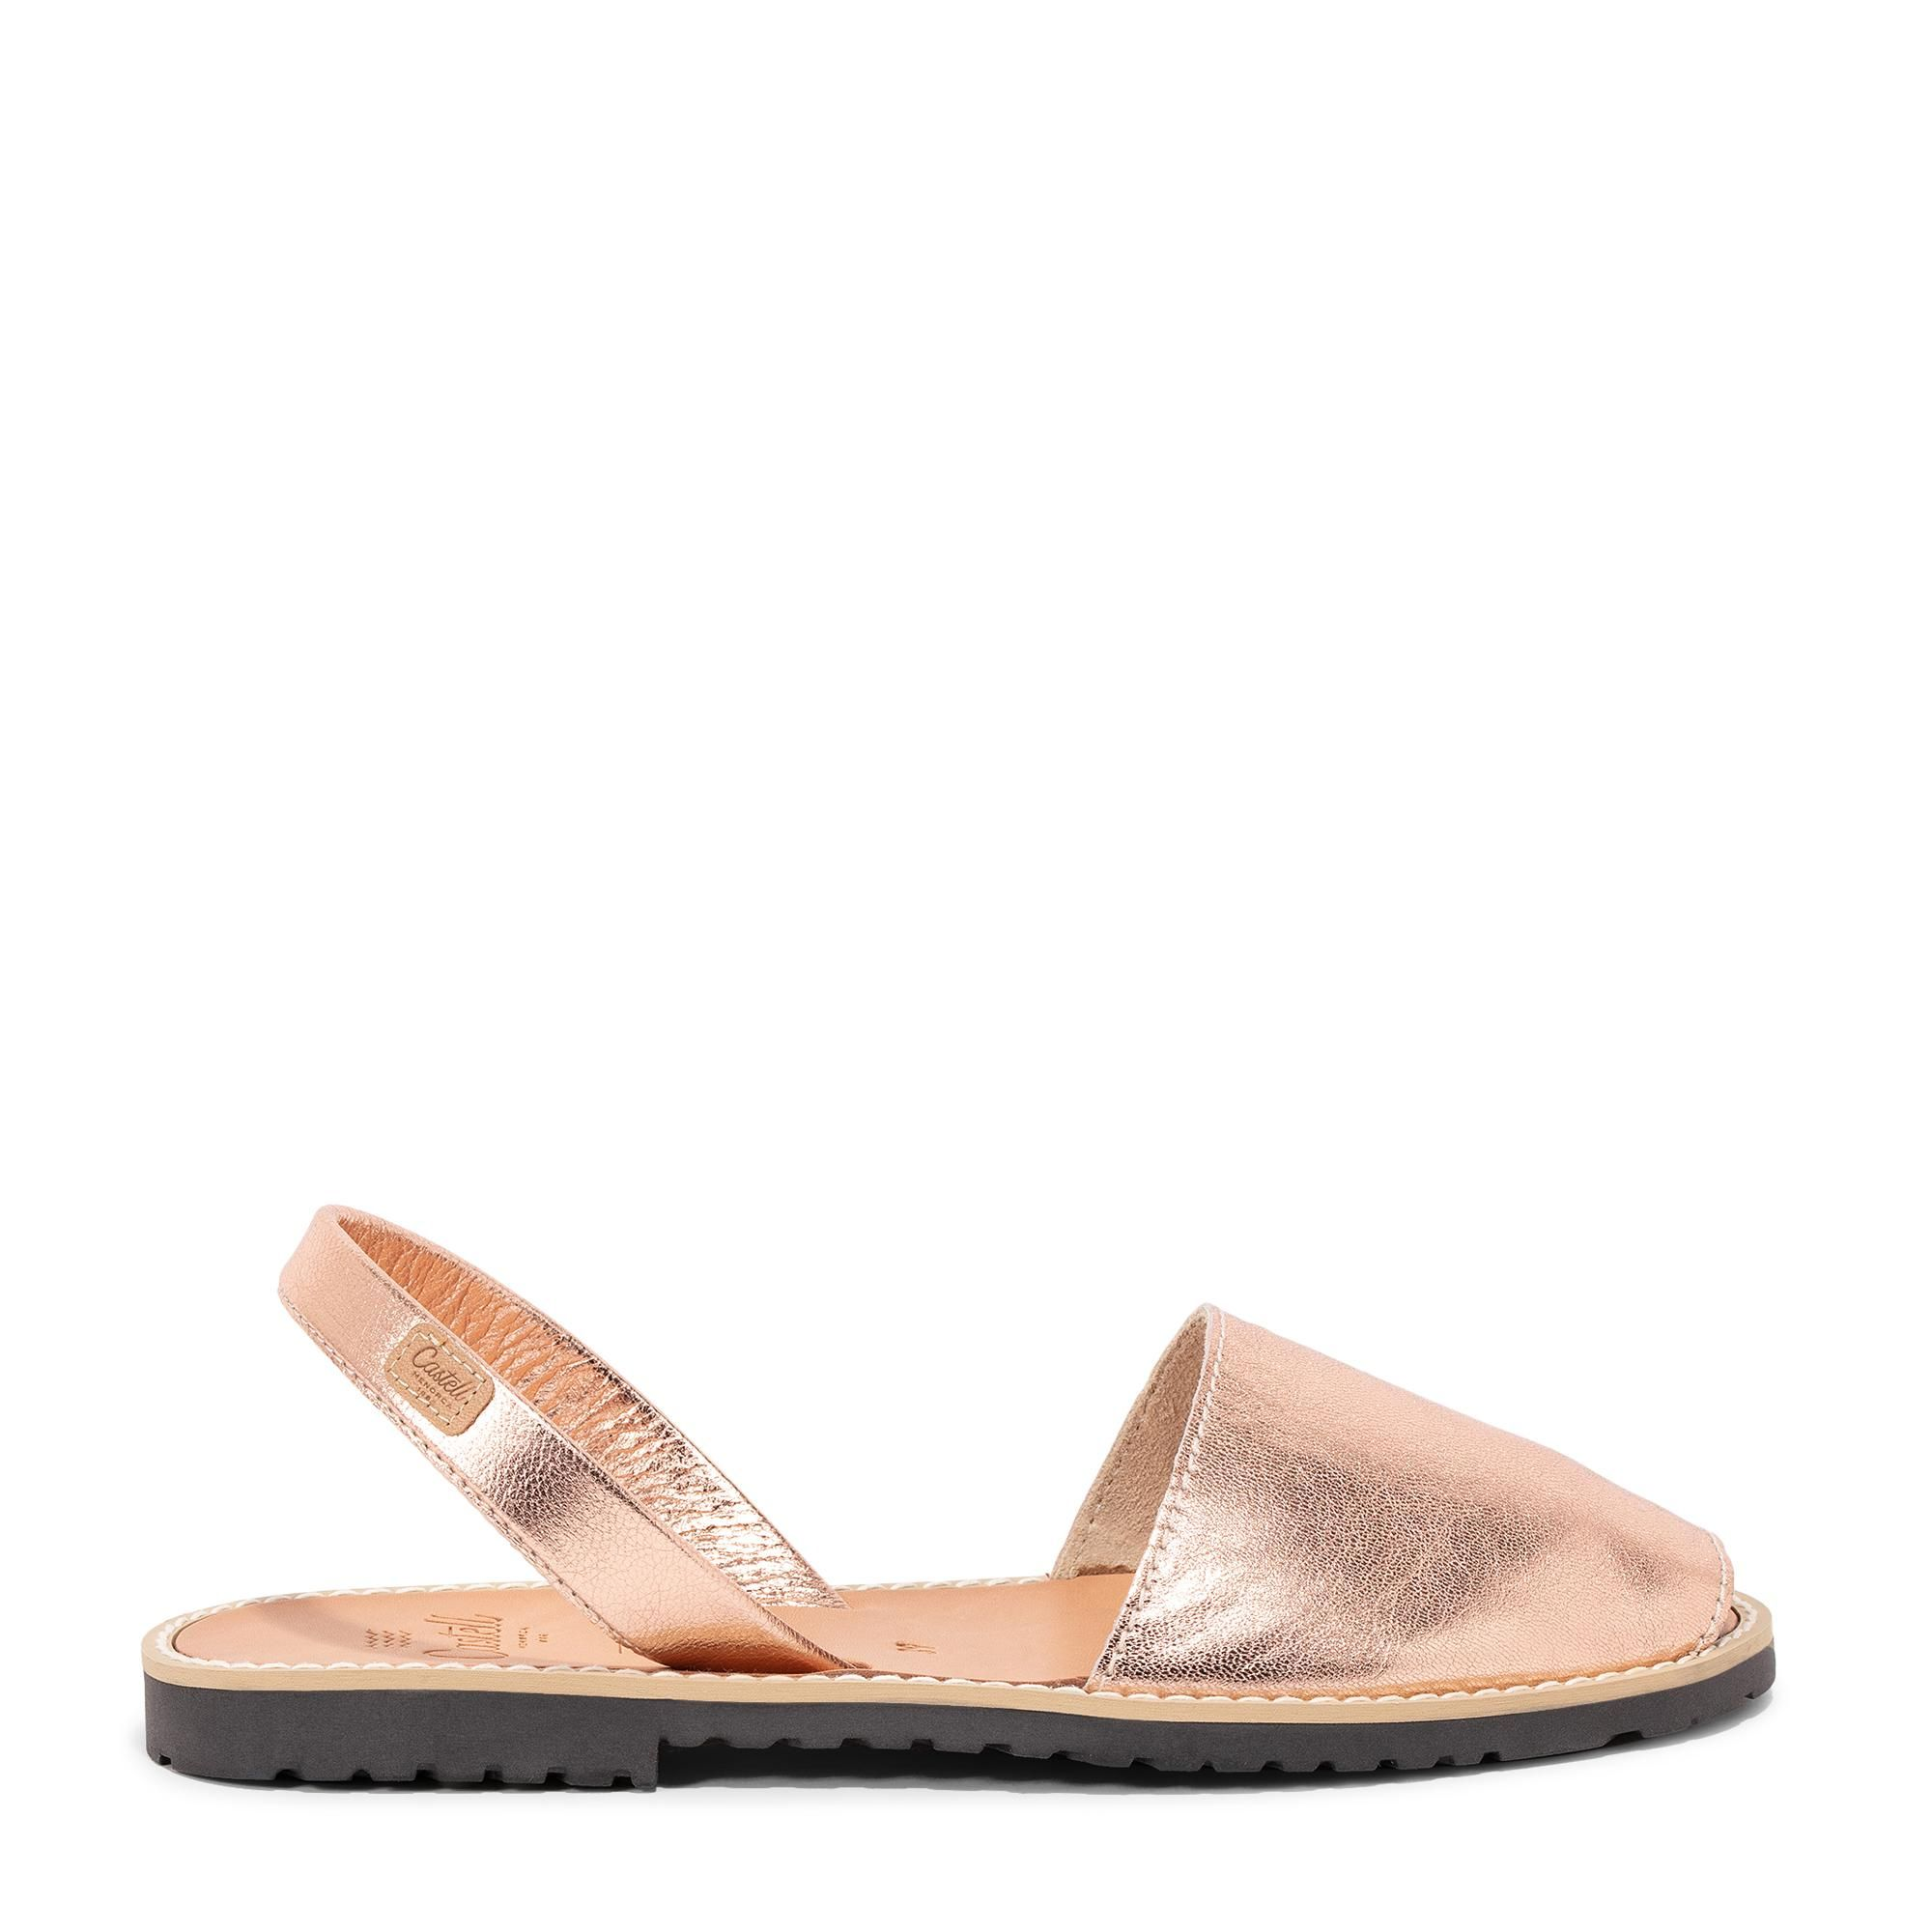 Madona sandals